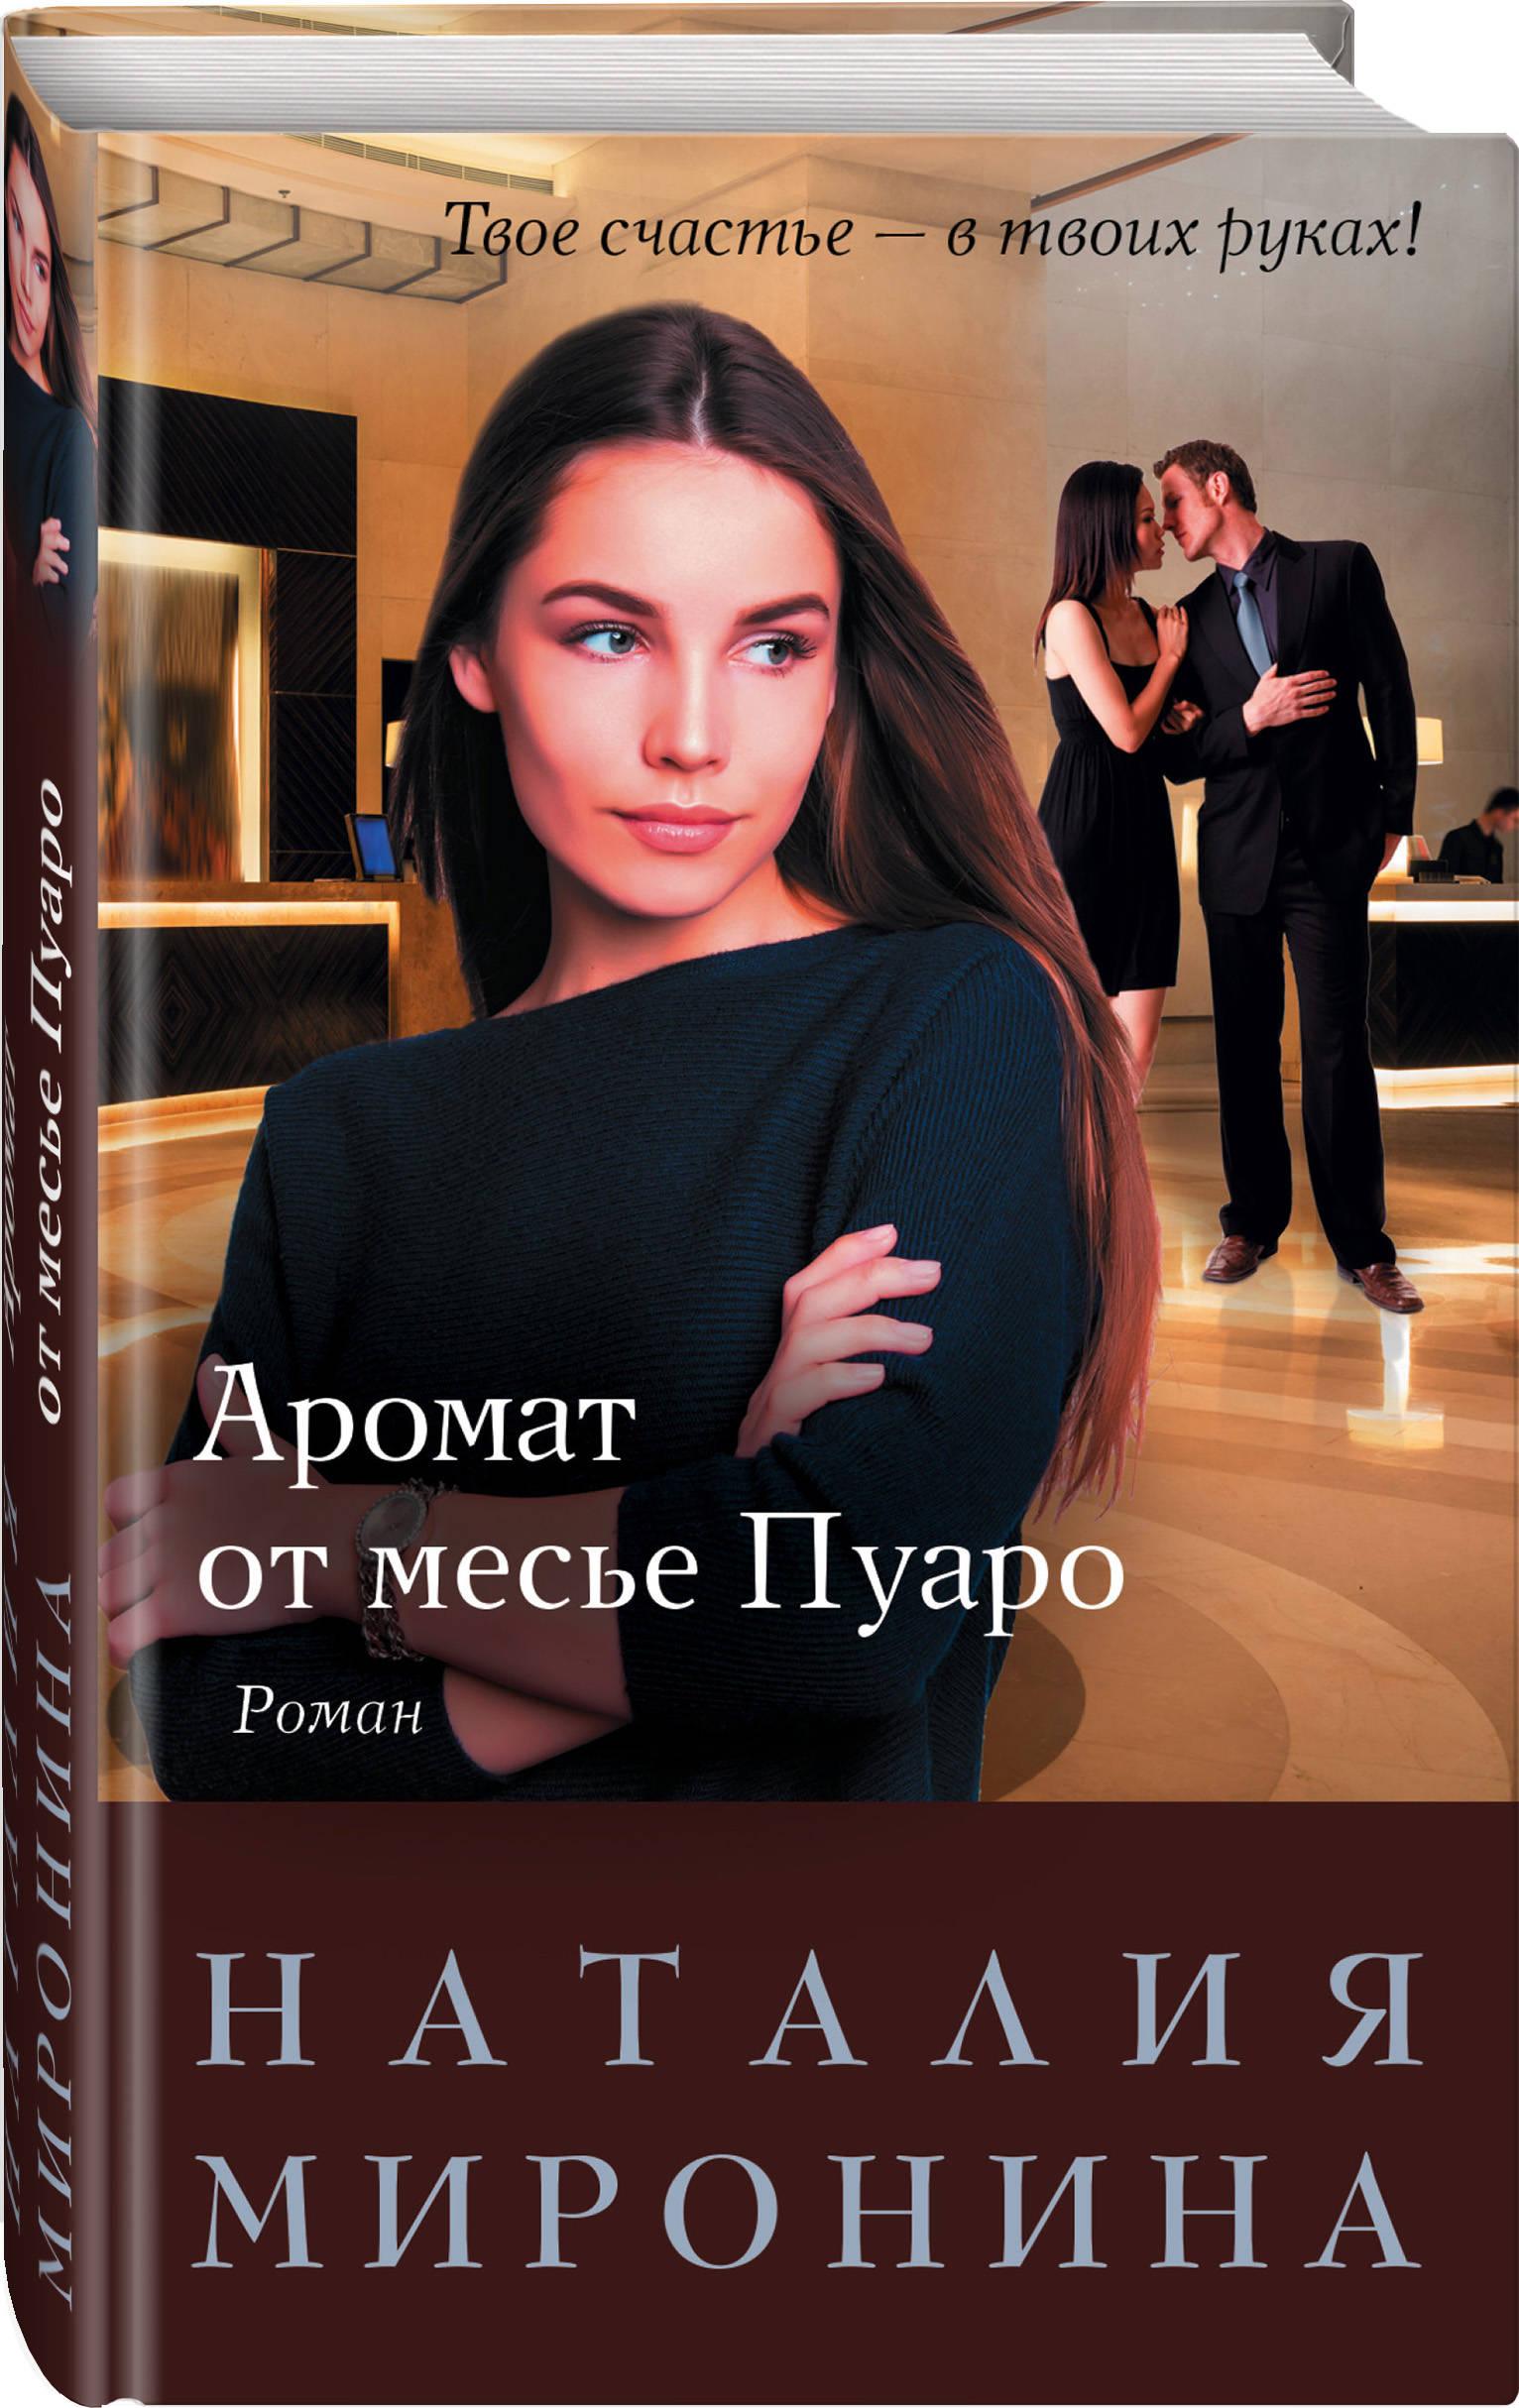 Наталия Миронина Аромат от месье Пуаро наталья владимировна тимофеева эхо моей судьбы